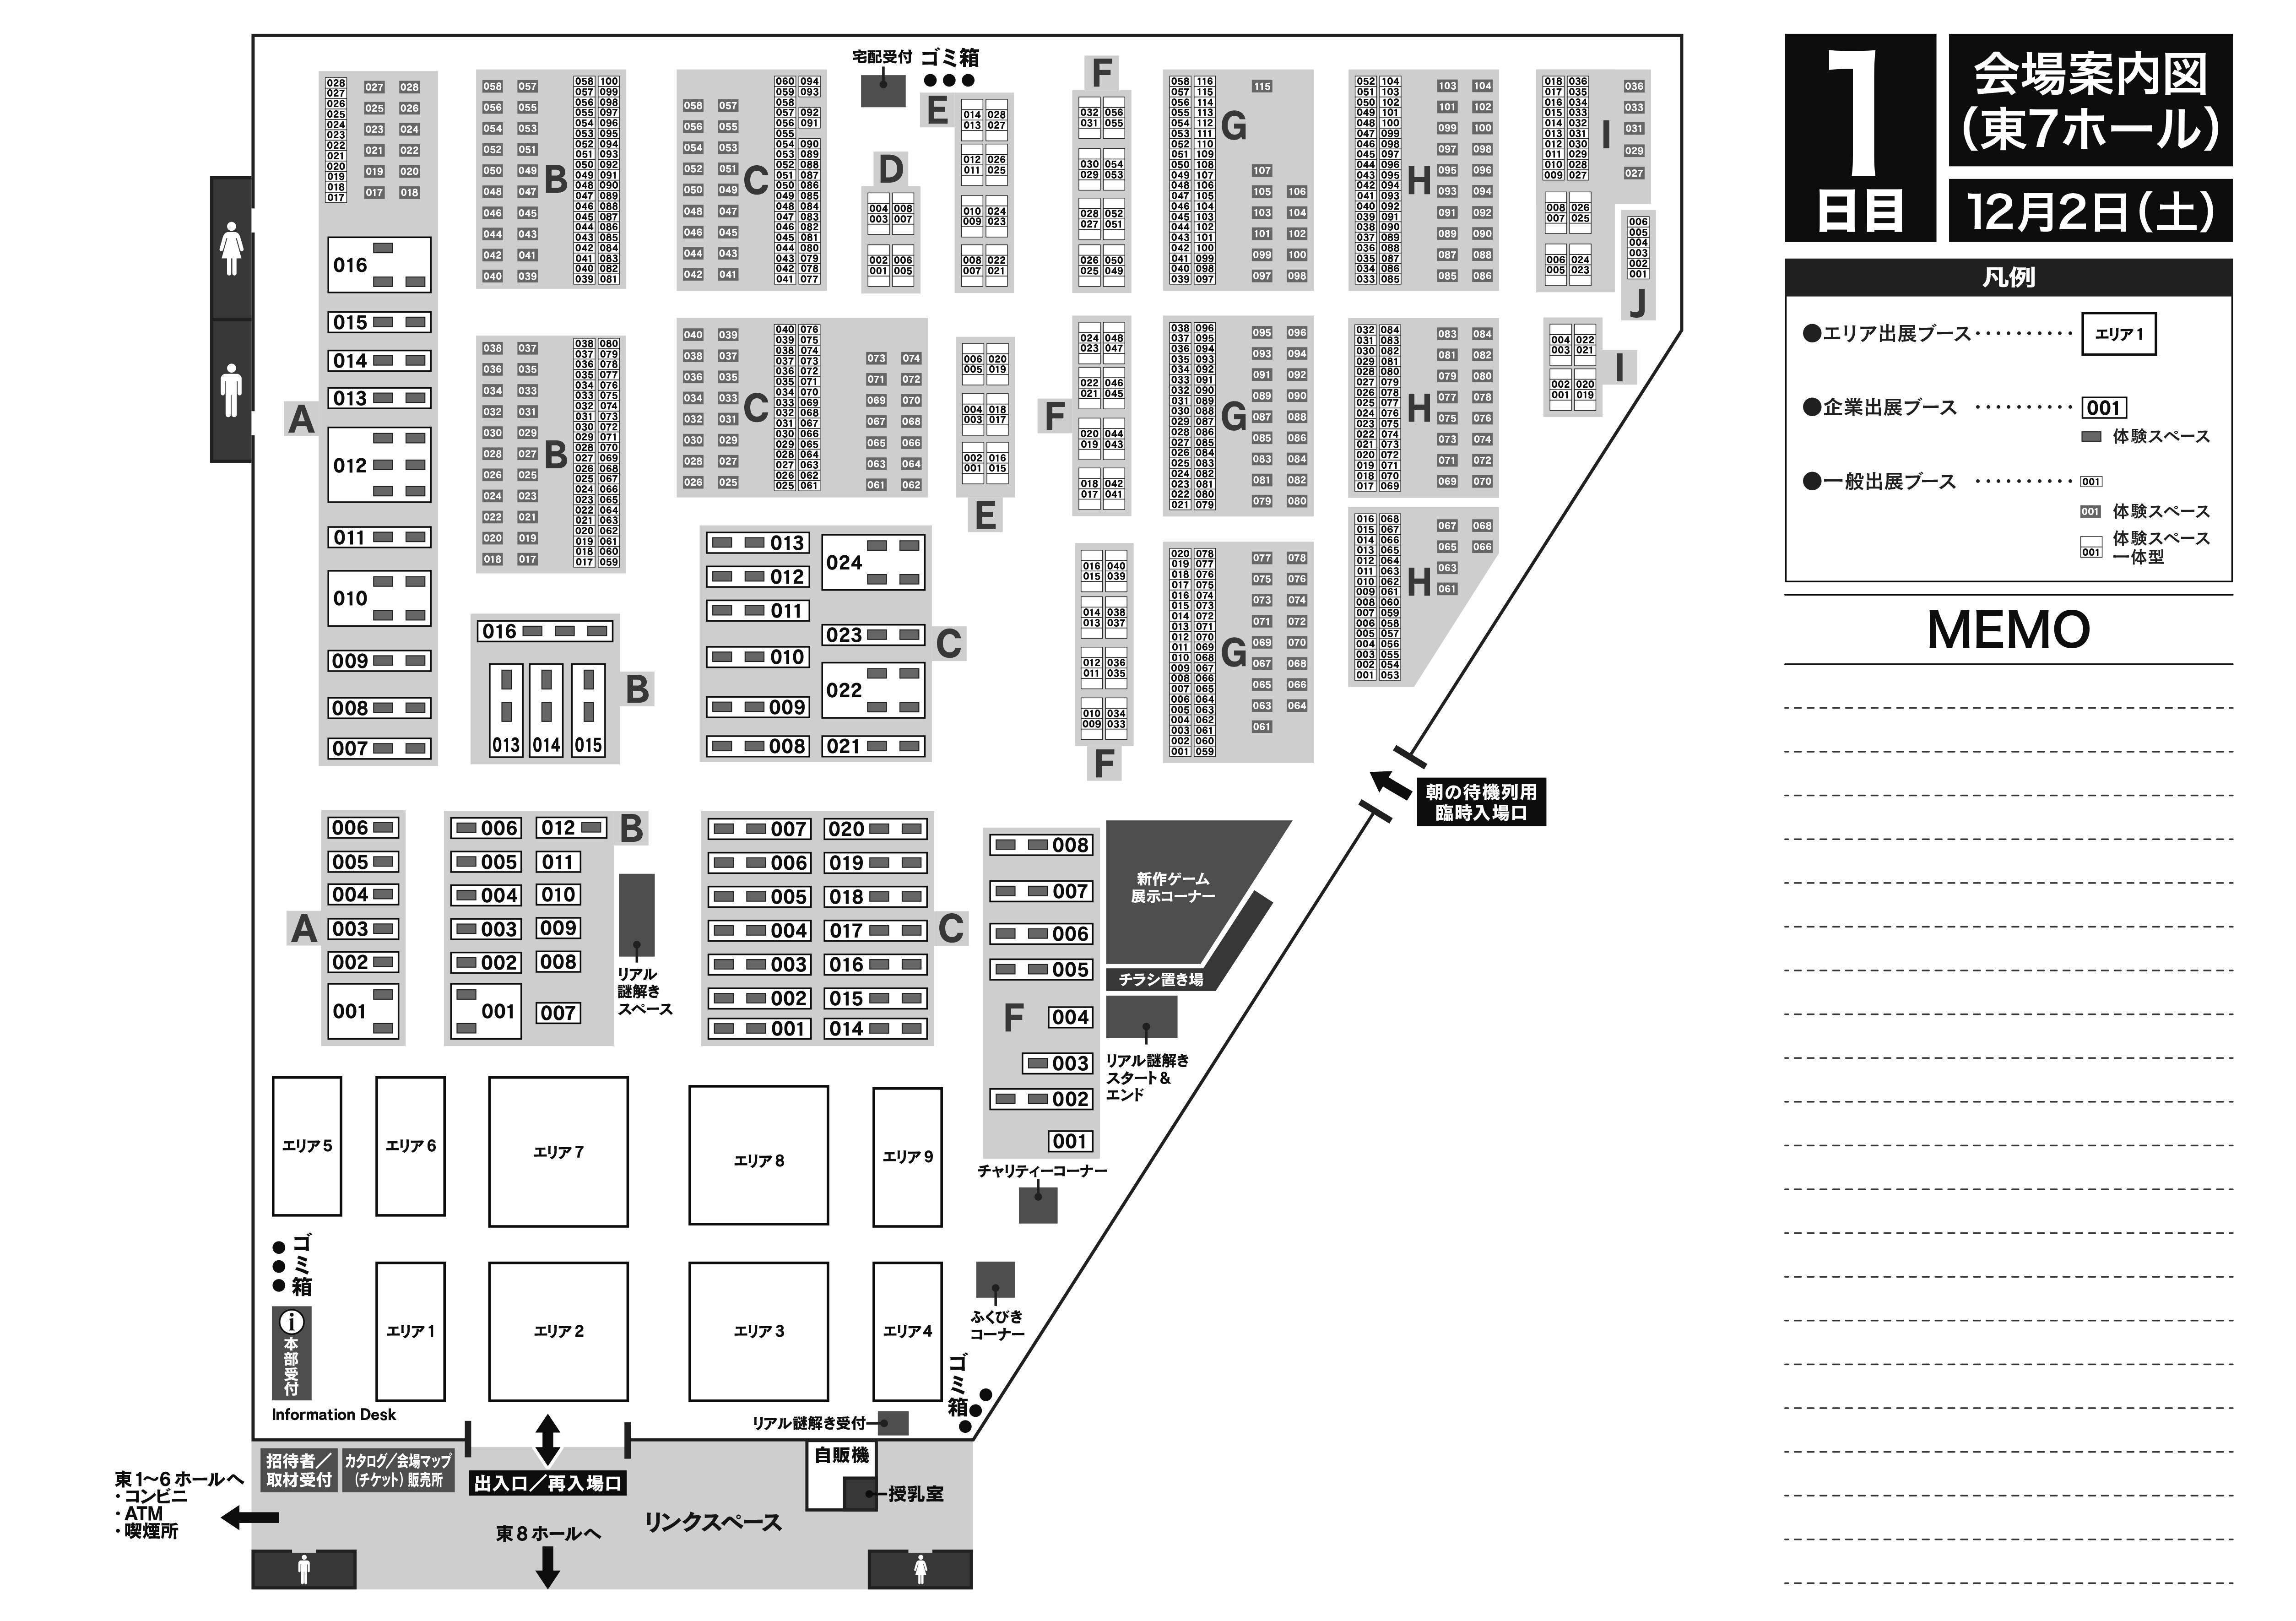 東京ビッグサイト 7ホール 1日目(12/2) ホールマップ